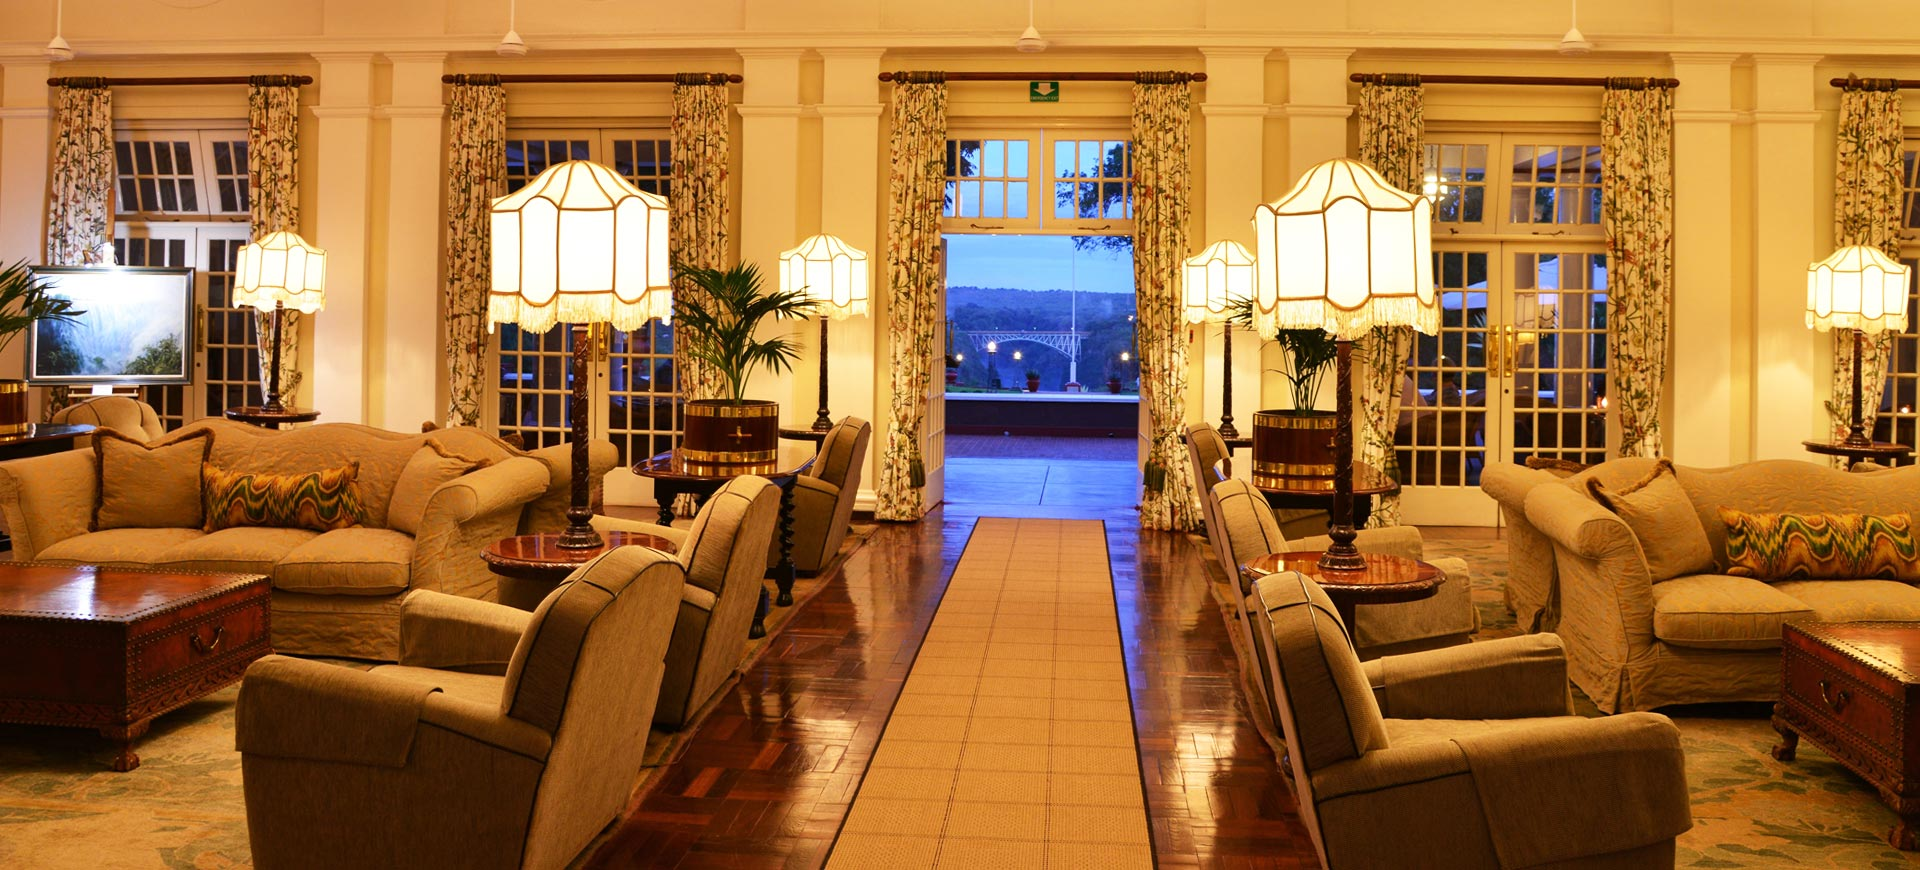 Victoria Falls Hotels